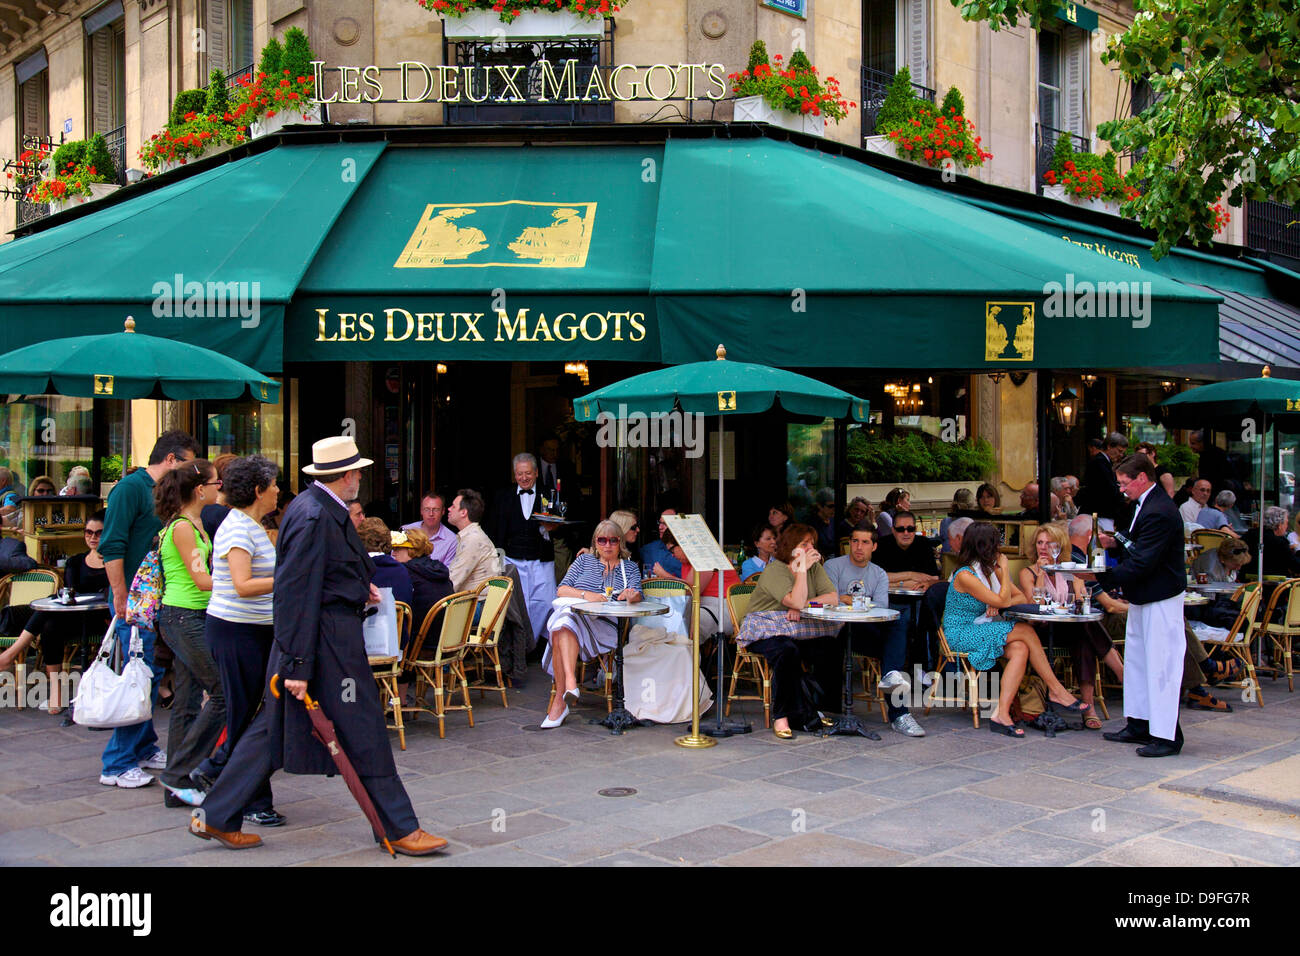 Les Deux Magots Restaurant, Paris, France Stock Photo